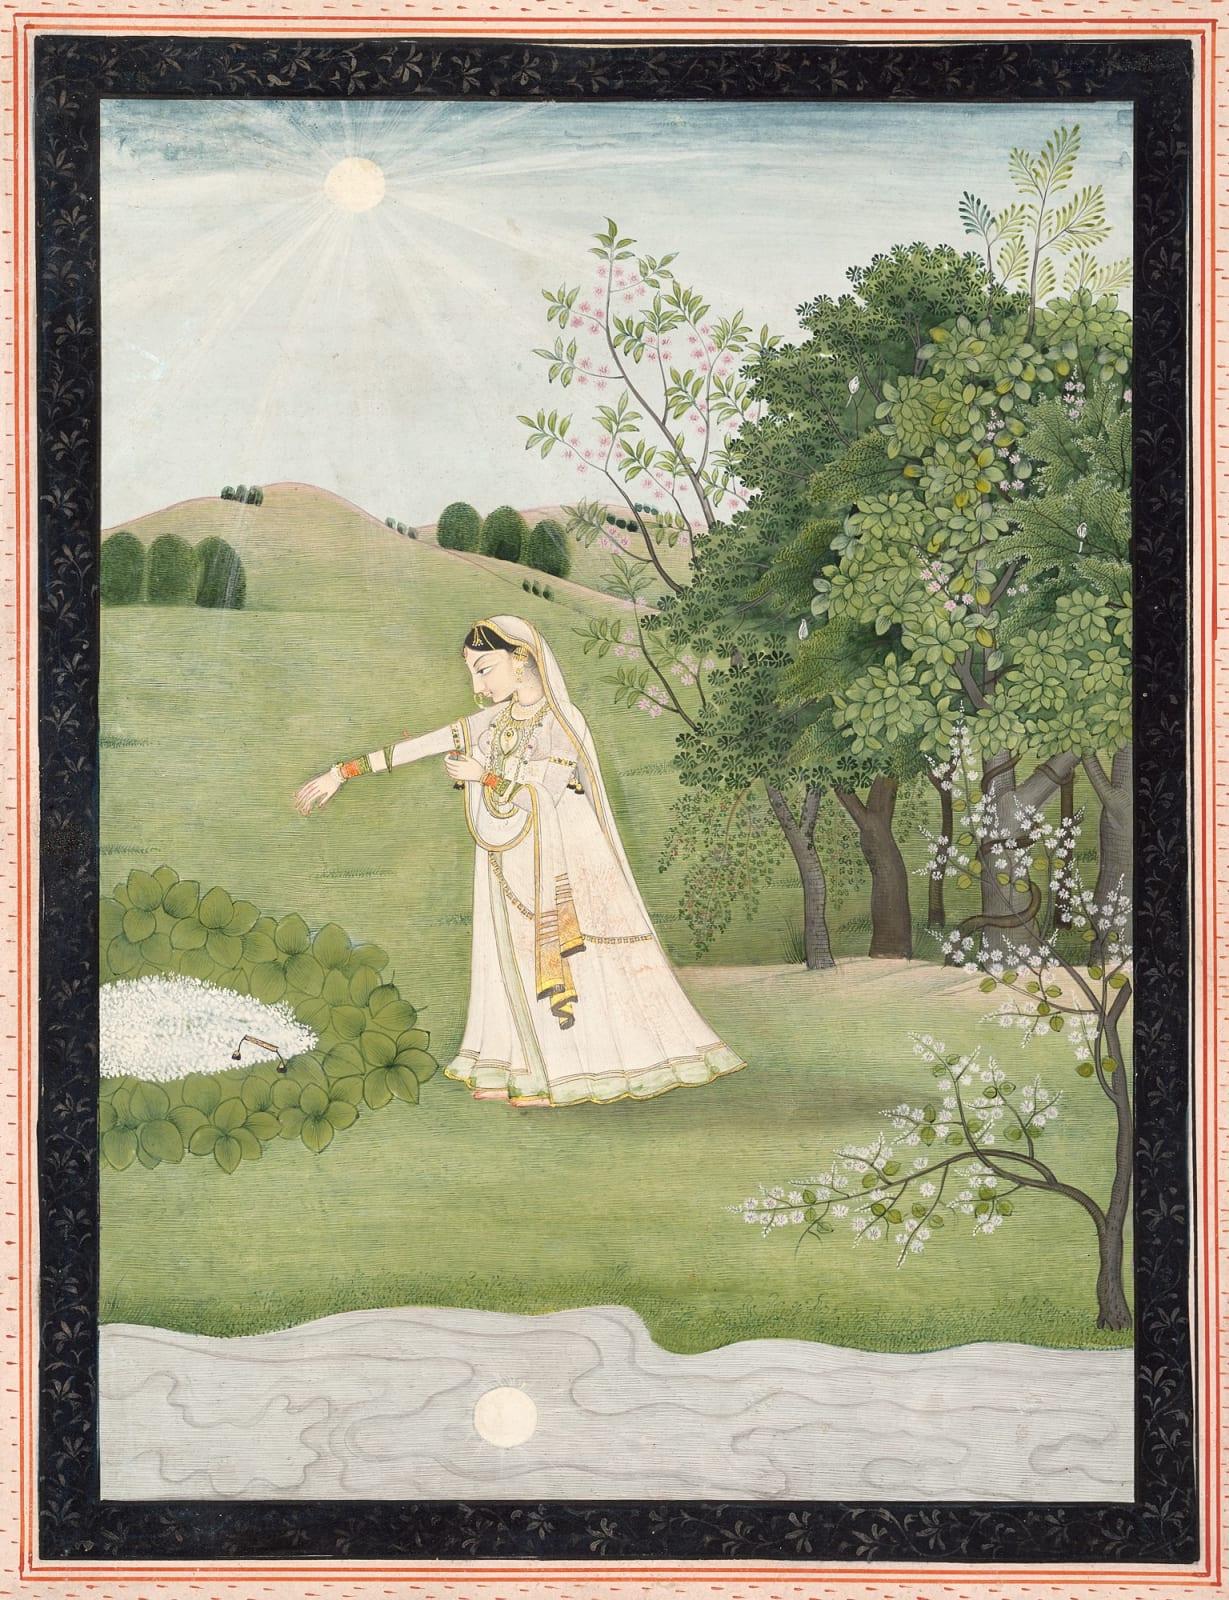 Vipralabdha Nayika, Style of Sajnu, Mandi, 1810-20